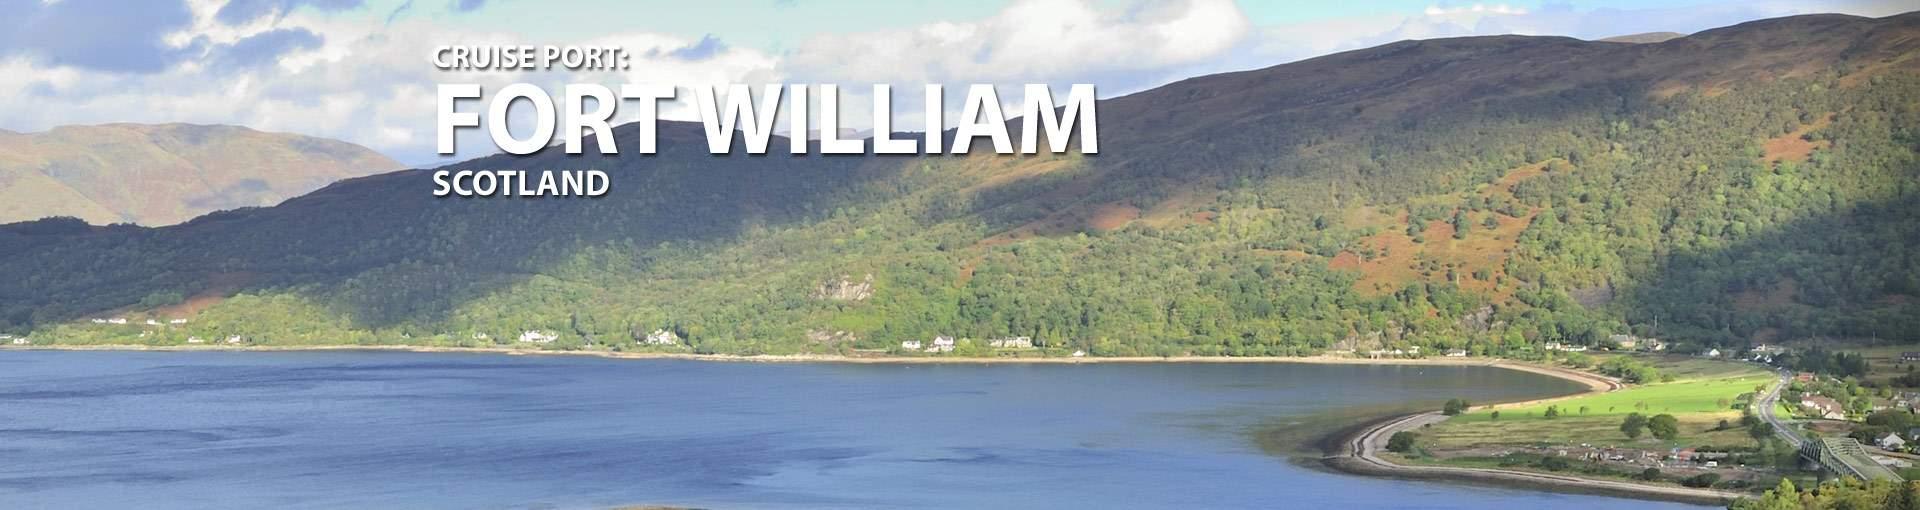 Fort William, Scotland Cruise Port